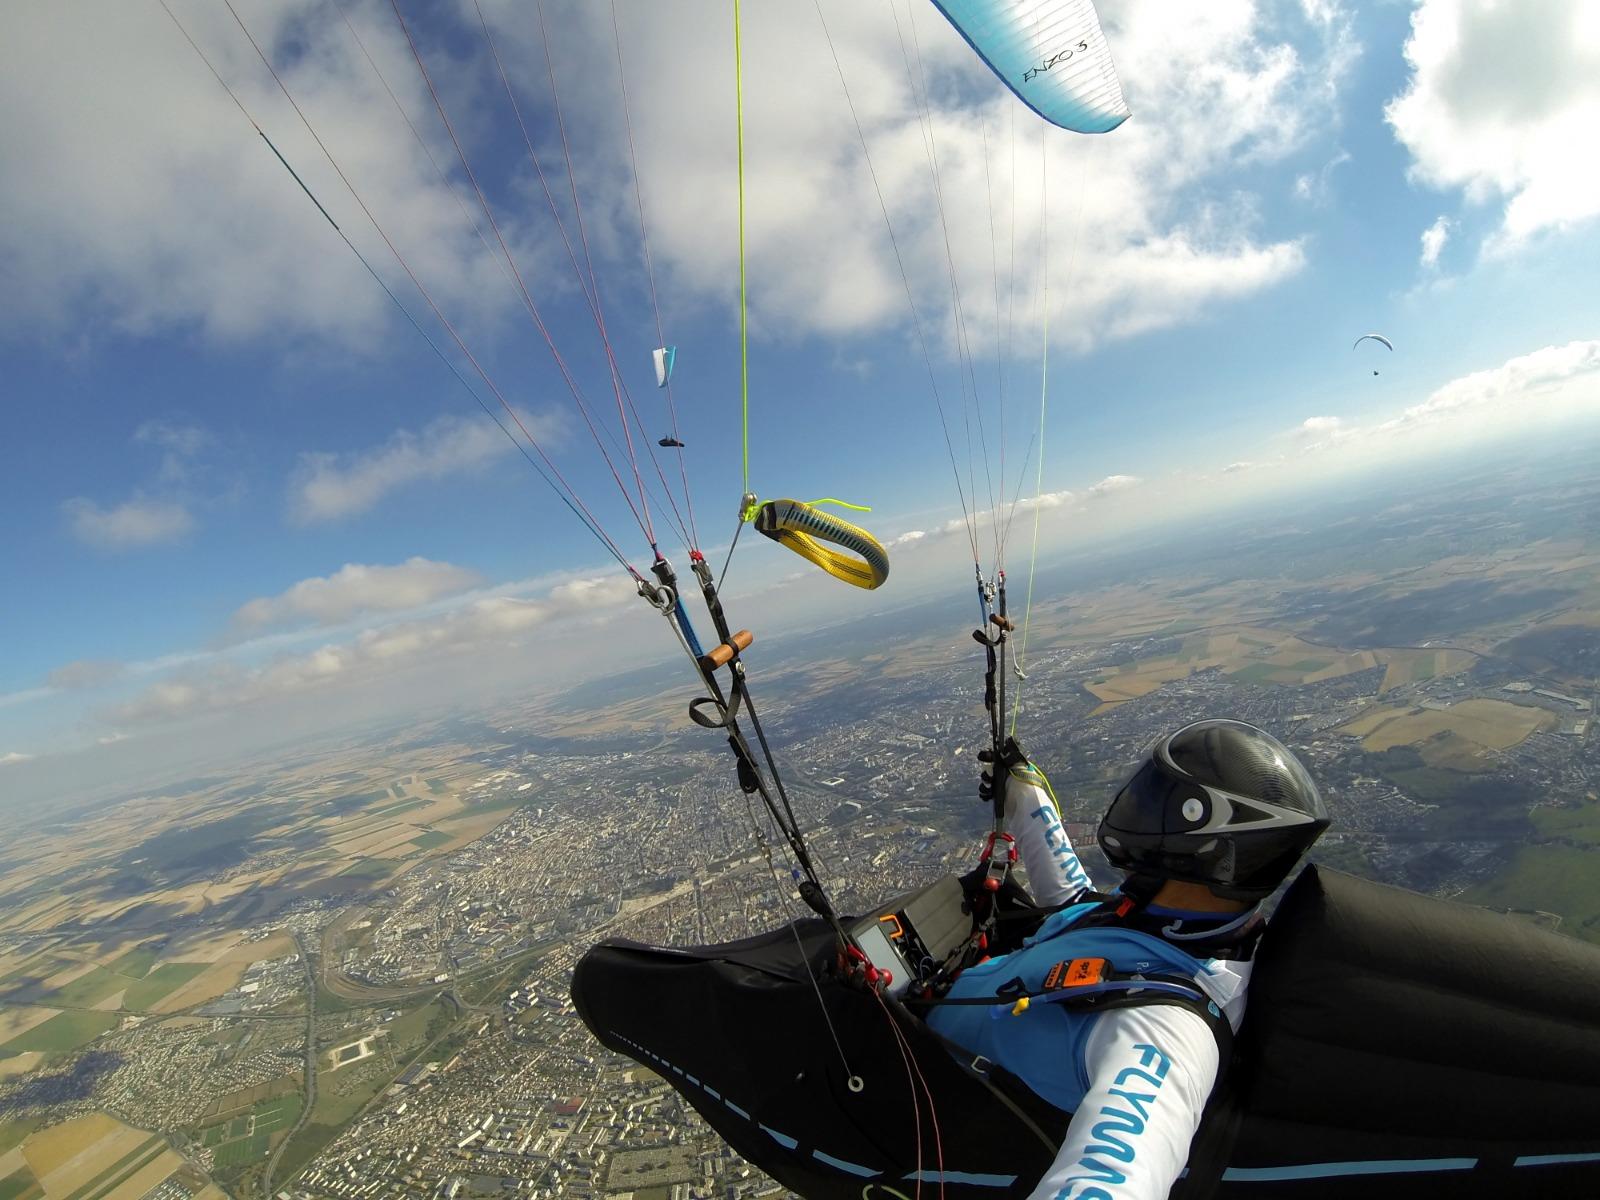 Interview mit Martin Morlet: Erkundung von Möglichkeiten und Langstreckenflüge mit dem Gleitschirm